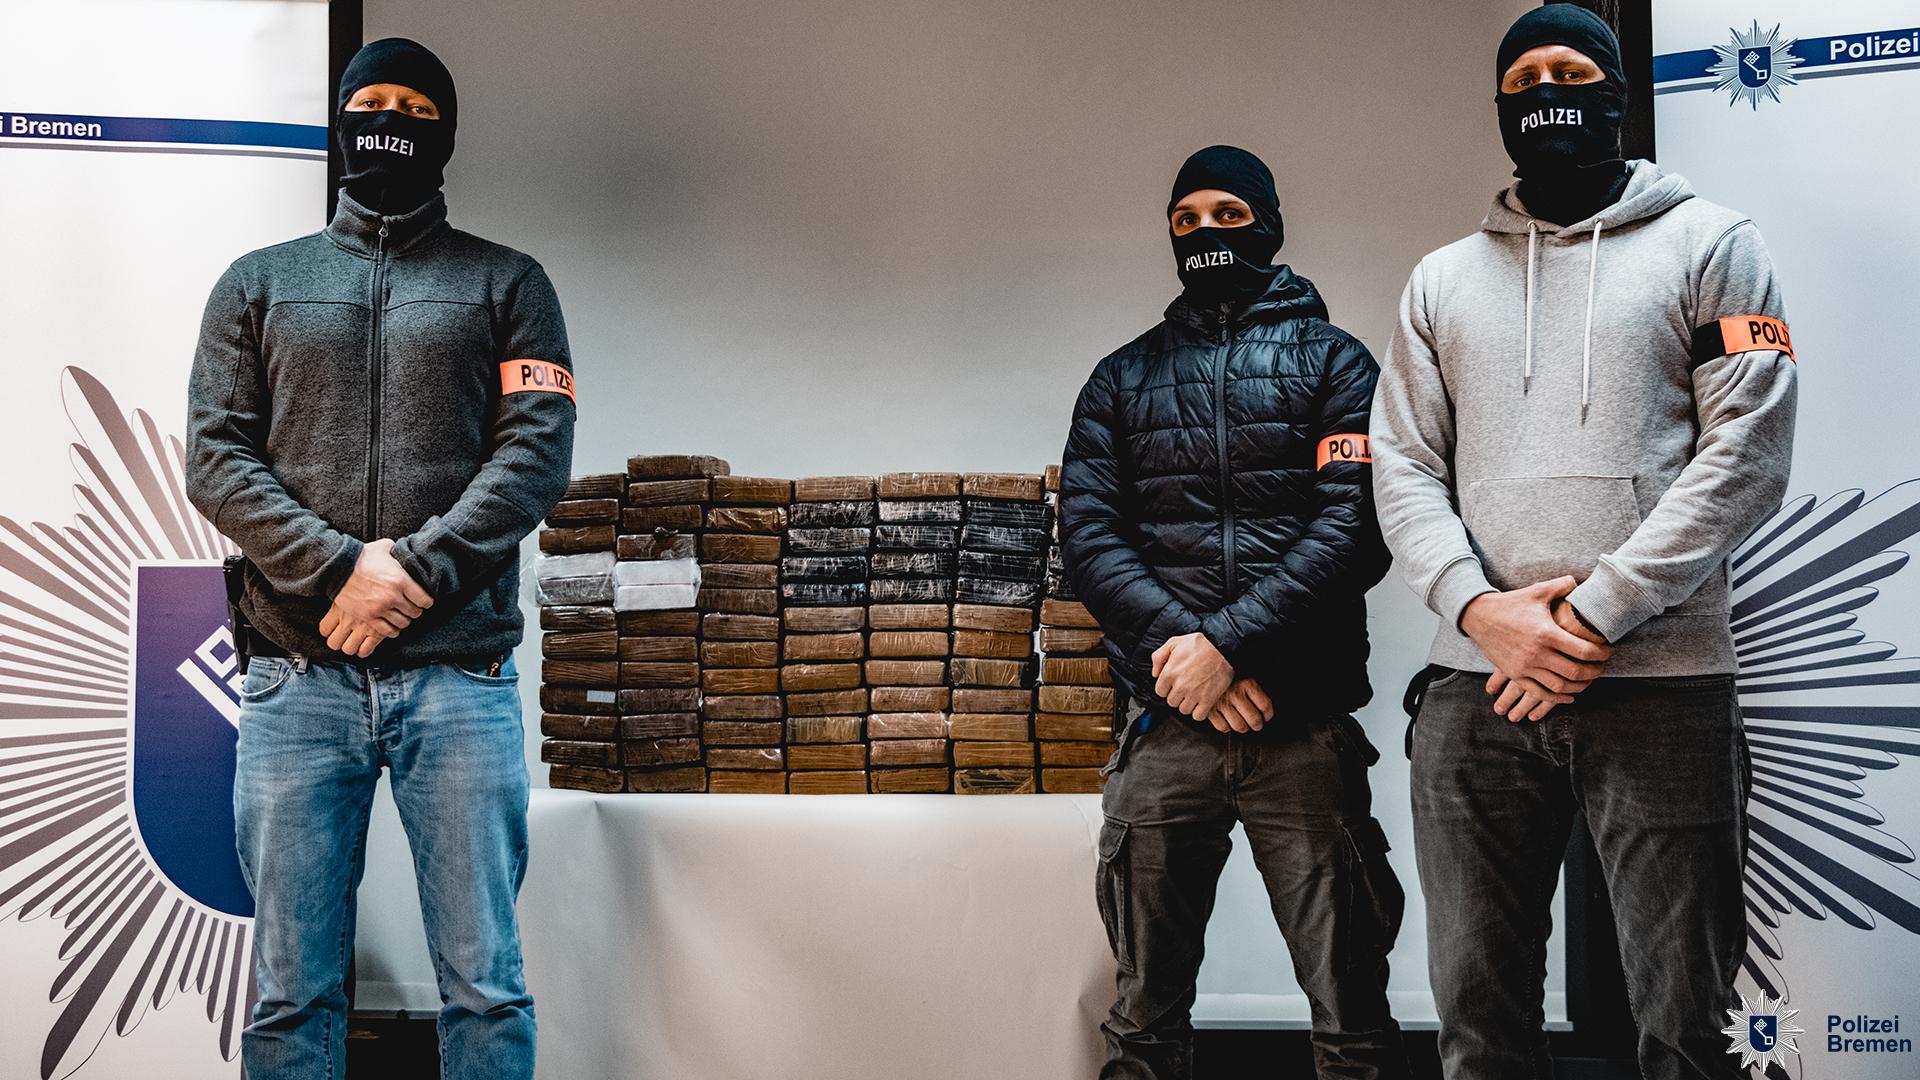 Polizei gelingt Schlag gegen Drogendealer – Mehr als 85 Kilo Kokain, Bargeld und Waffen sichergestellt